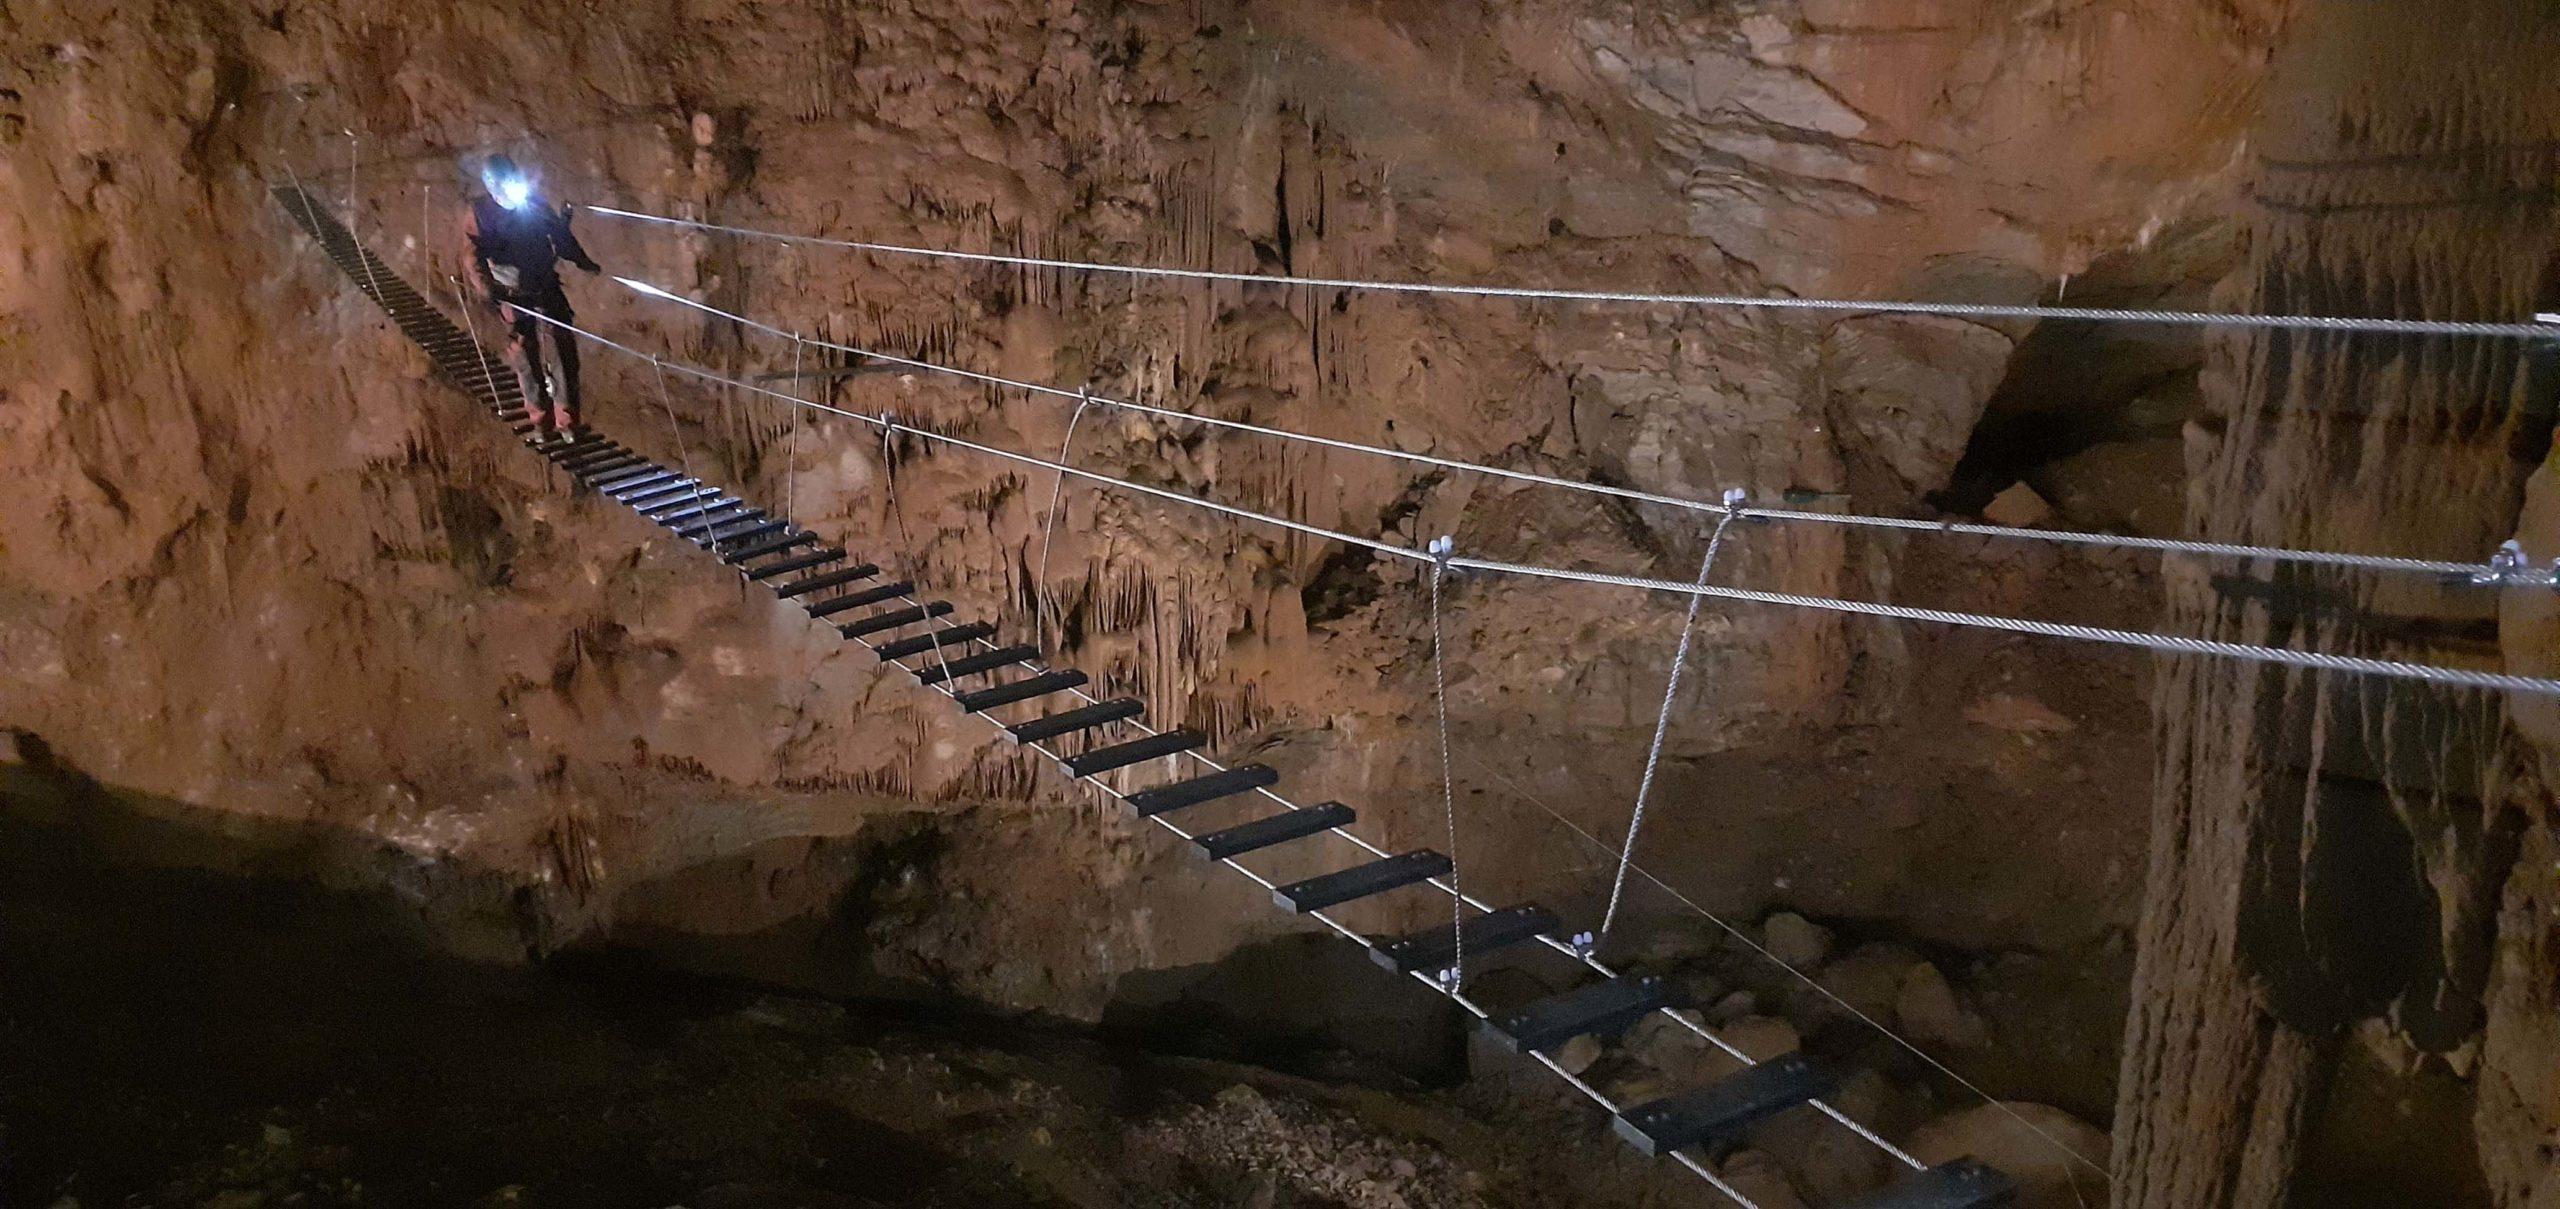 nouveau pont himalayen dans l'accrogrotte de Cabrespine de